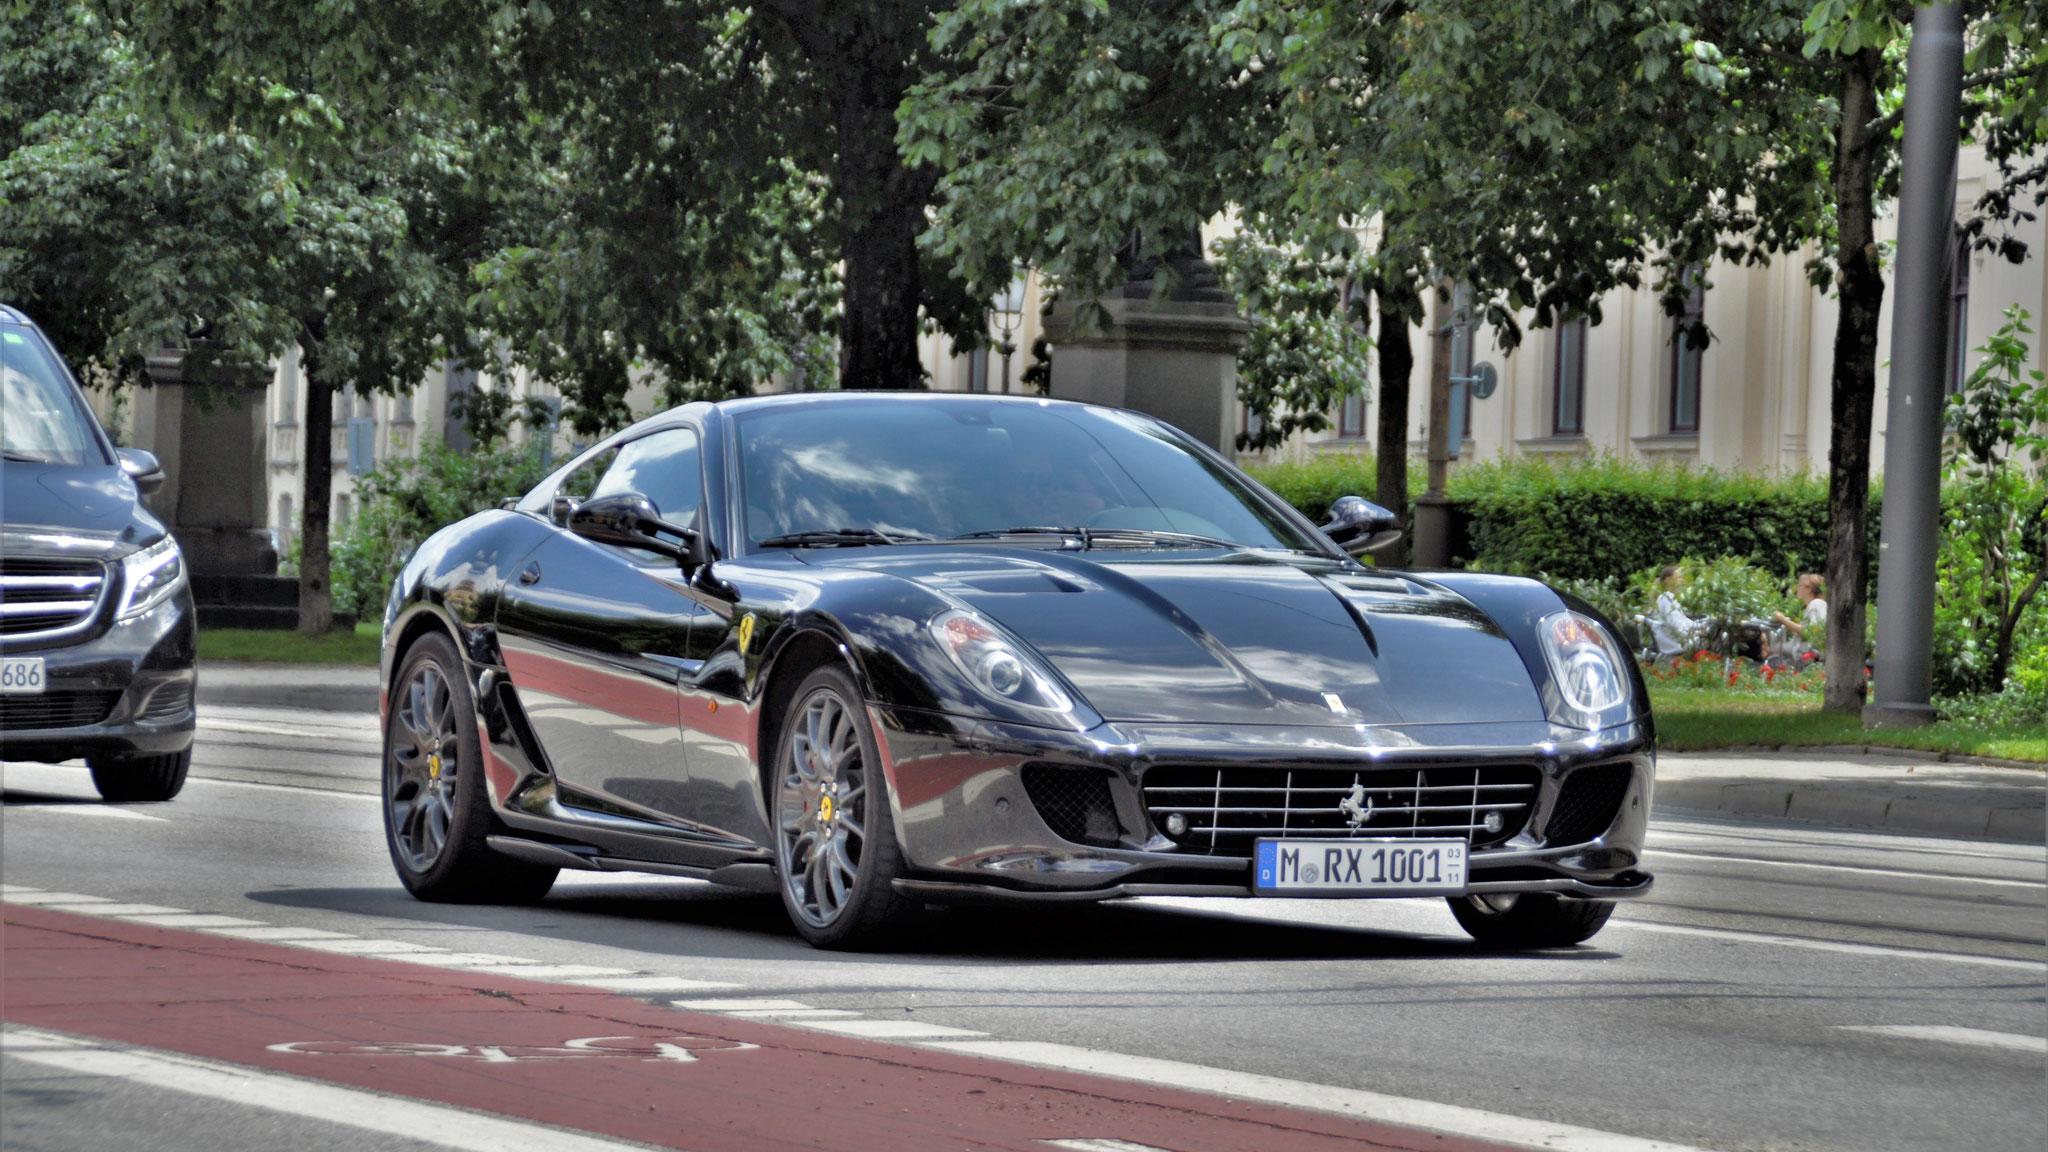 Ferrari 599 GTB Hamann - M-RX-1001